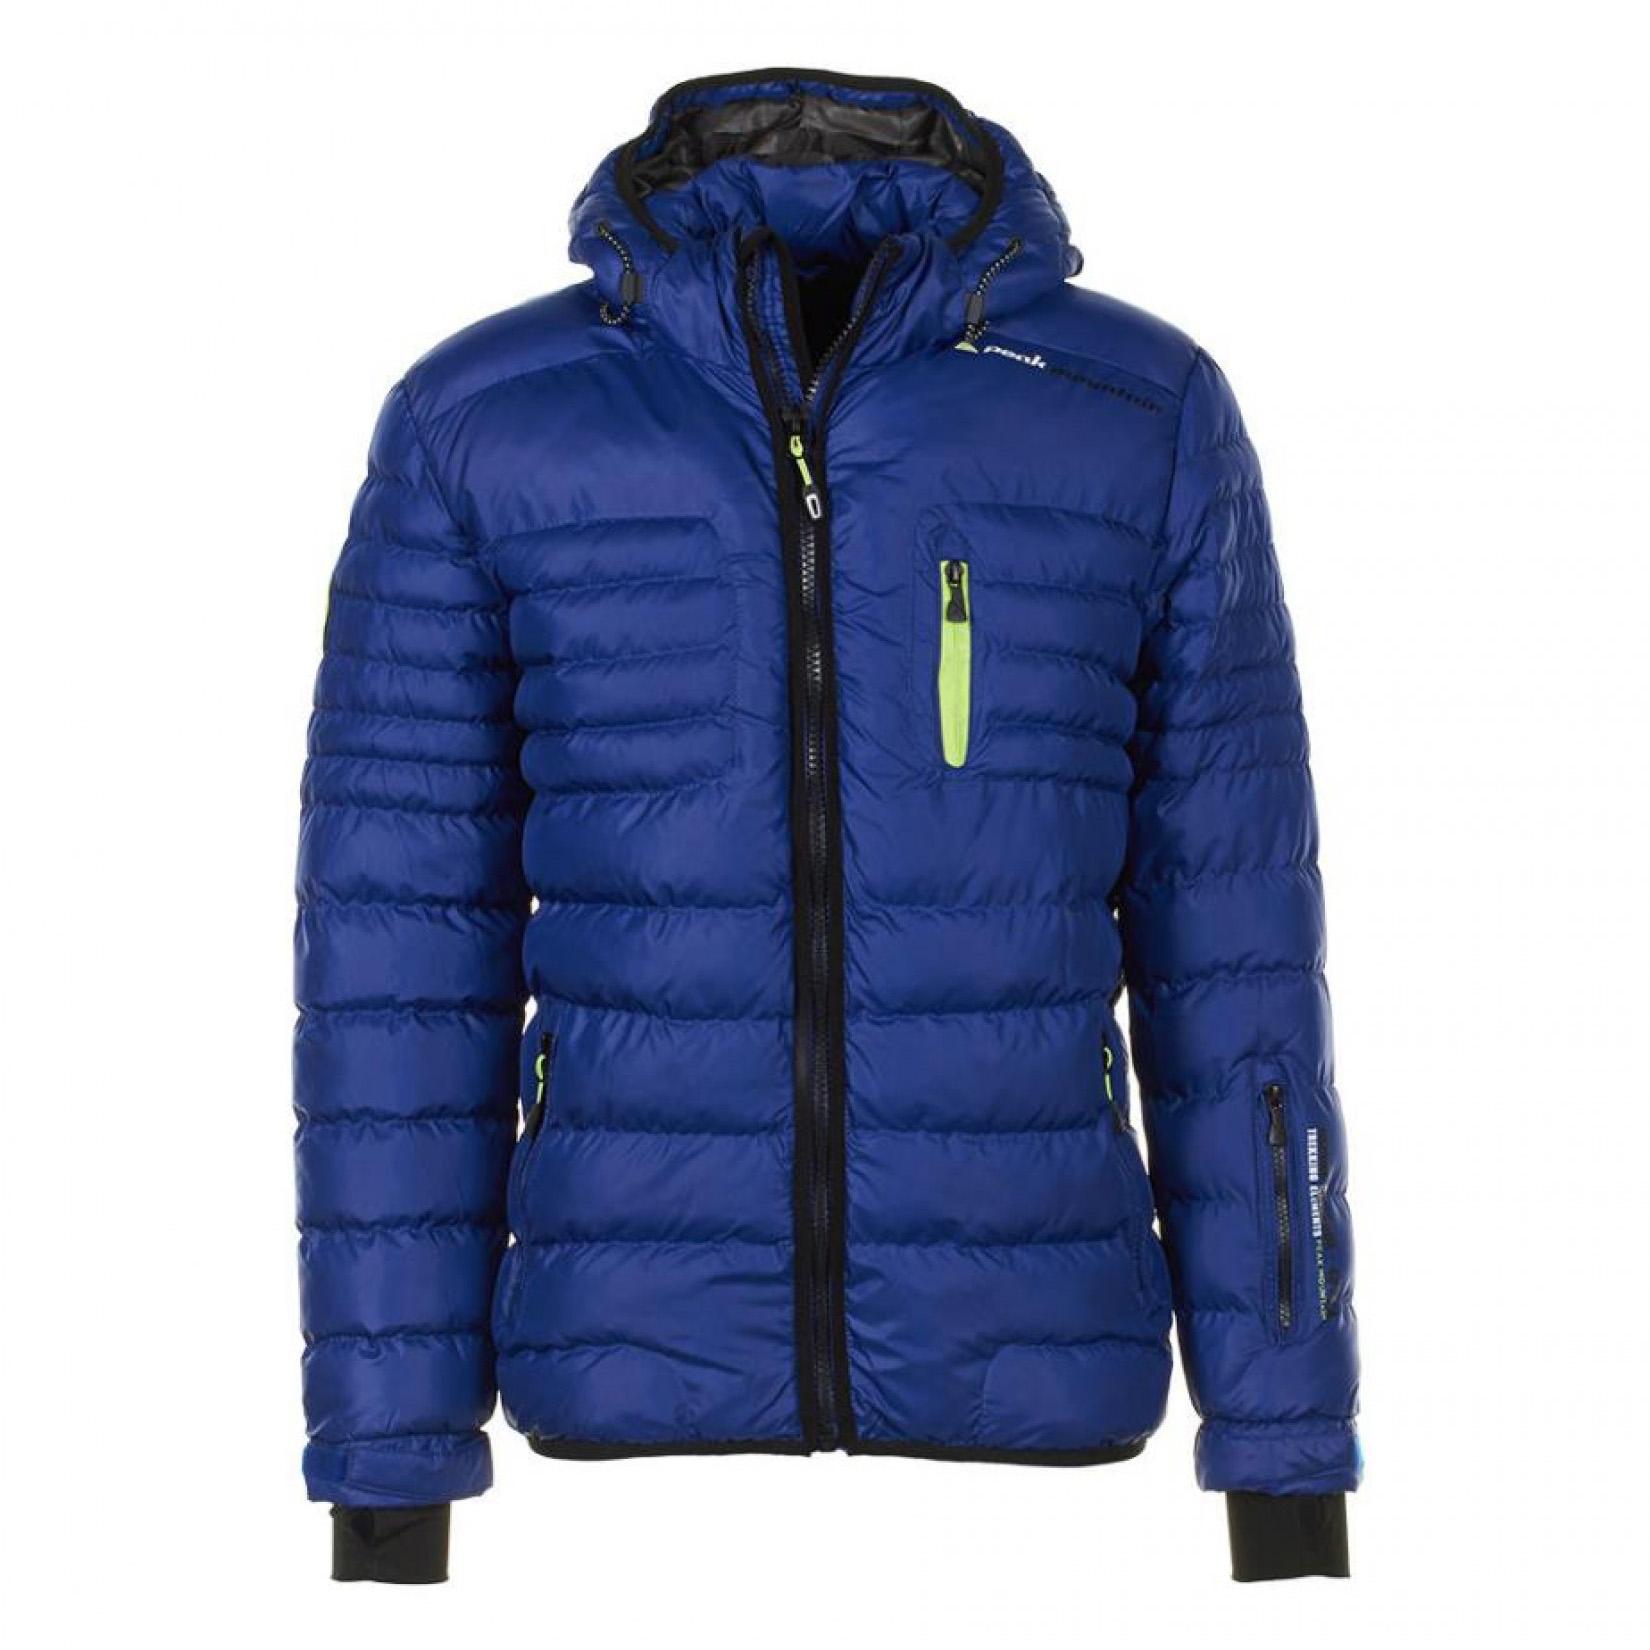 doudoune de ski homme capt couleur bleu peak mountain. Black Bedroom Furniture Sets. Home Design Ideas